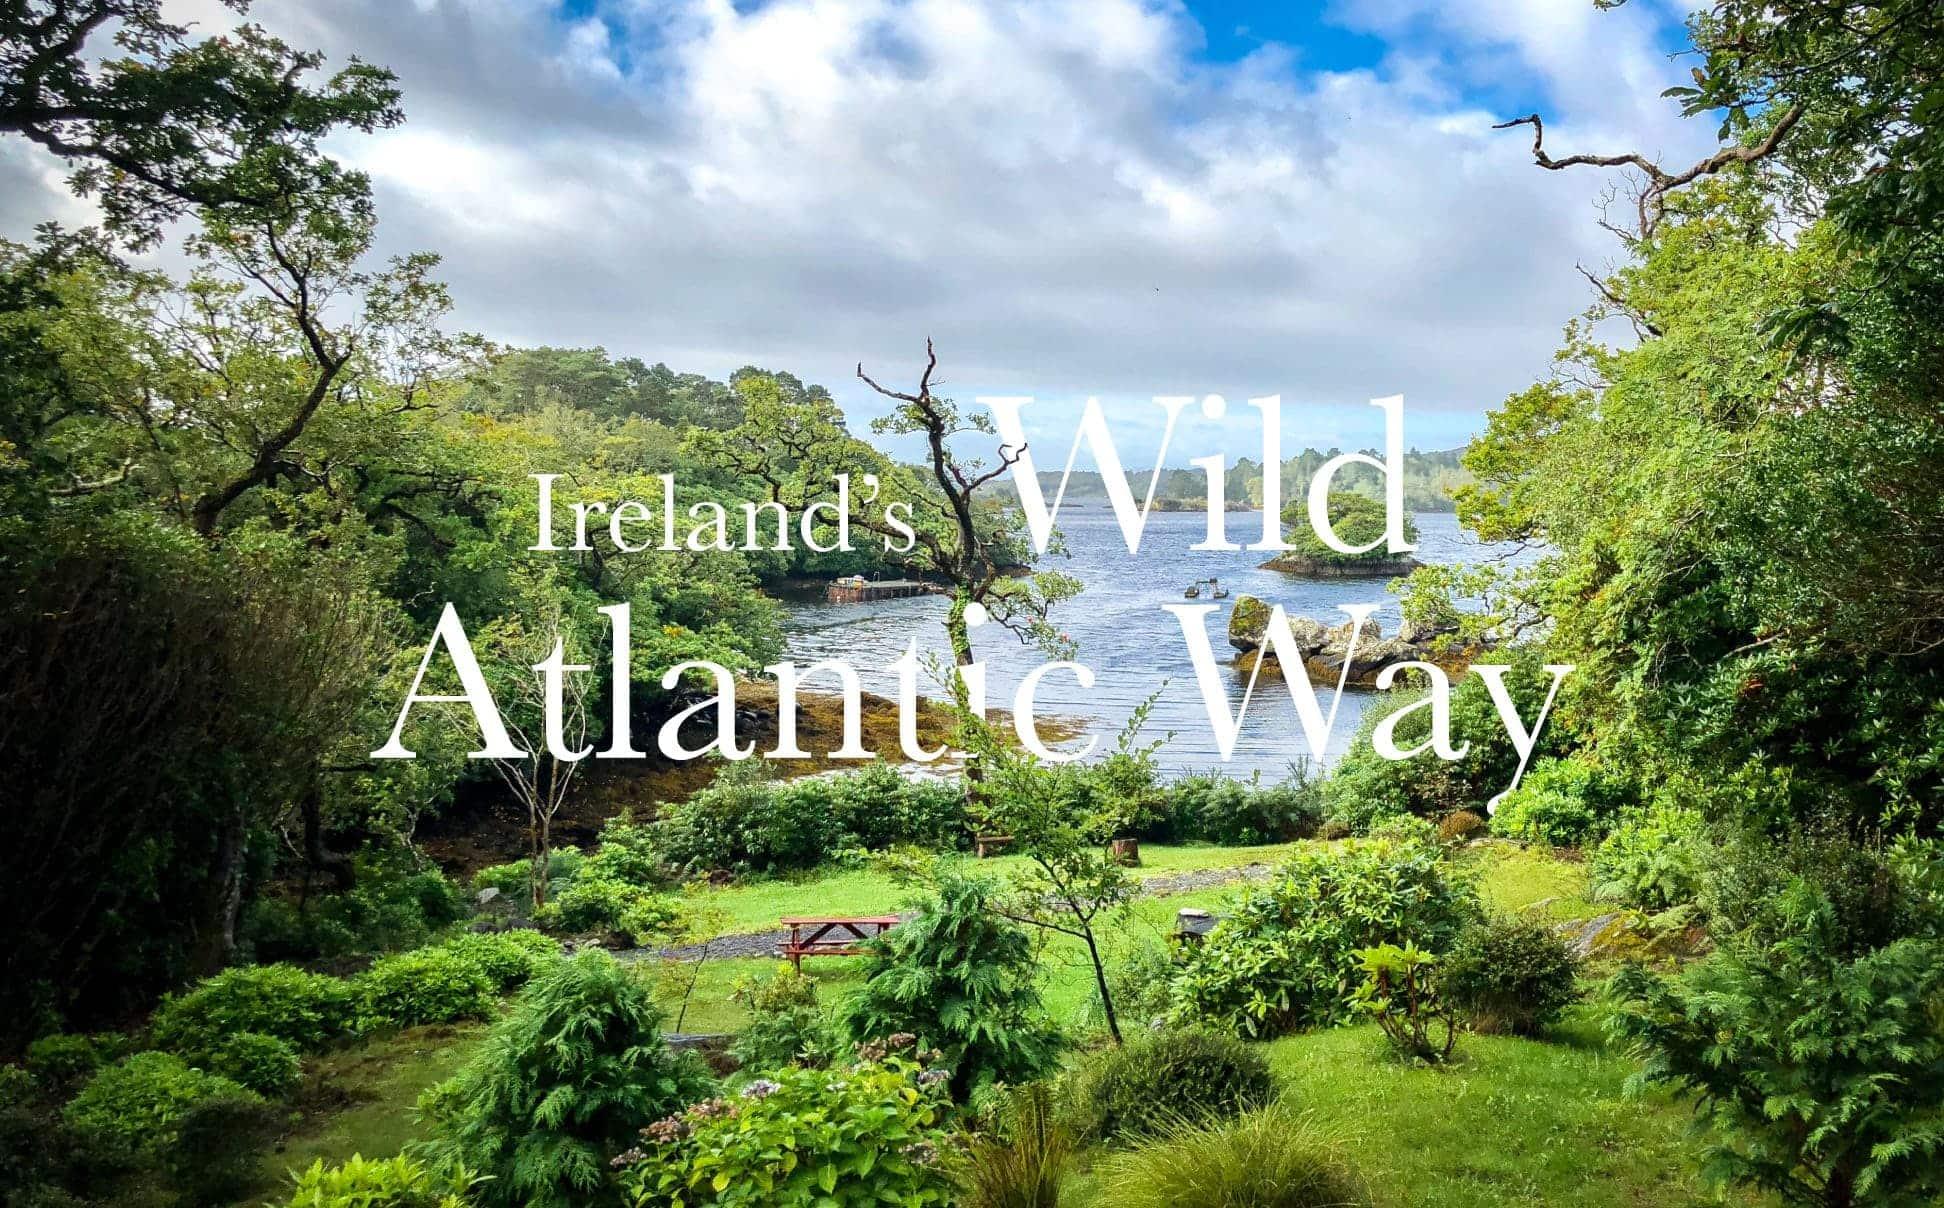 IrelandsWildAtlanticWay_WestonTable_Banner.jpg